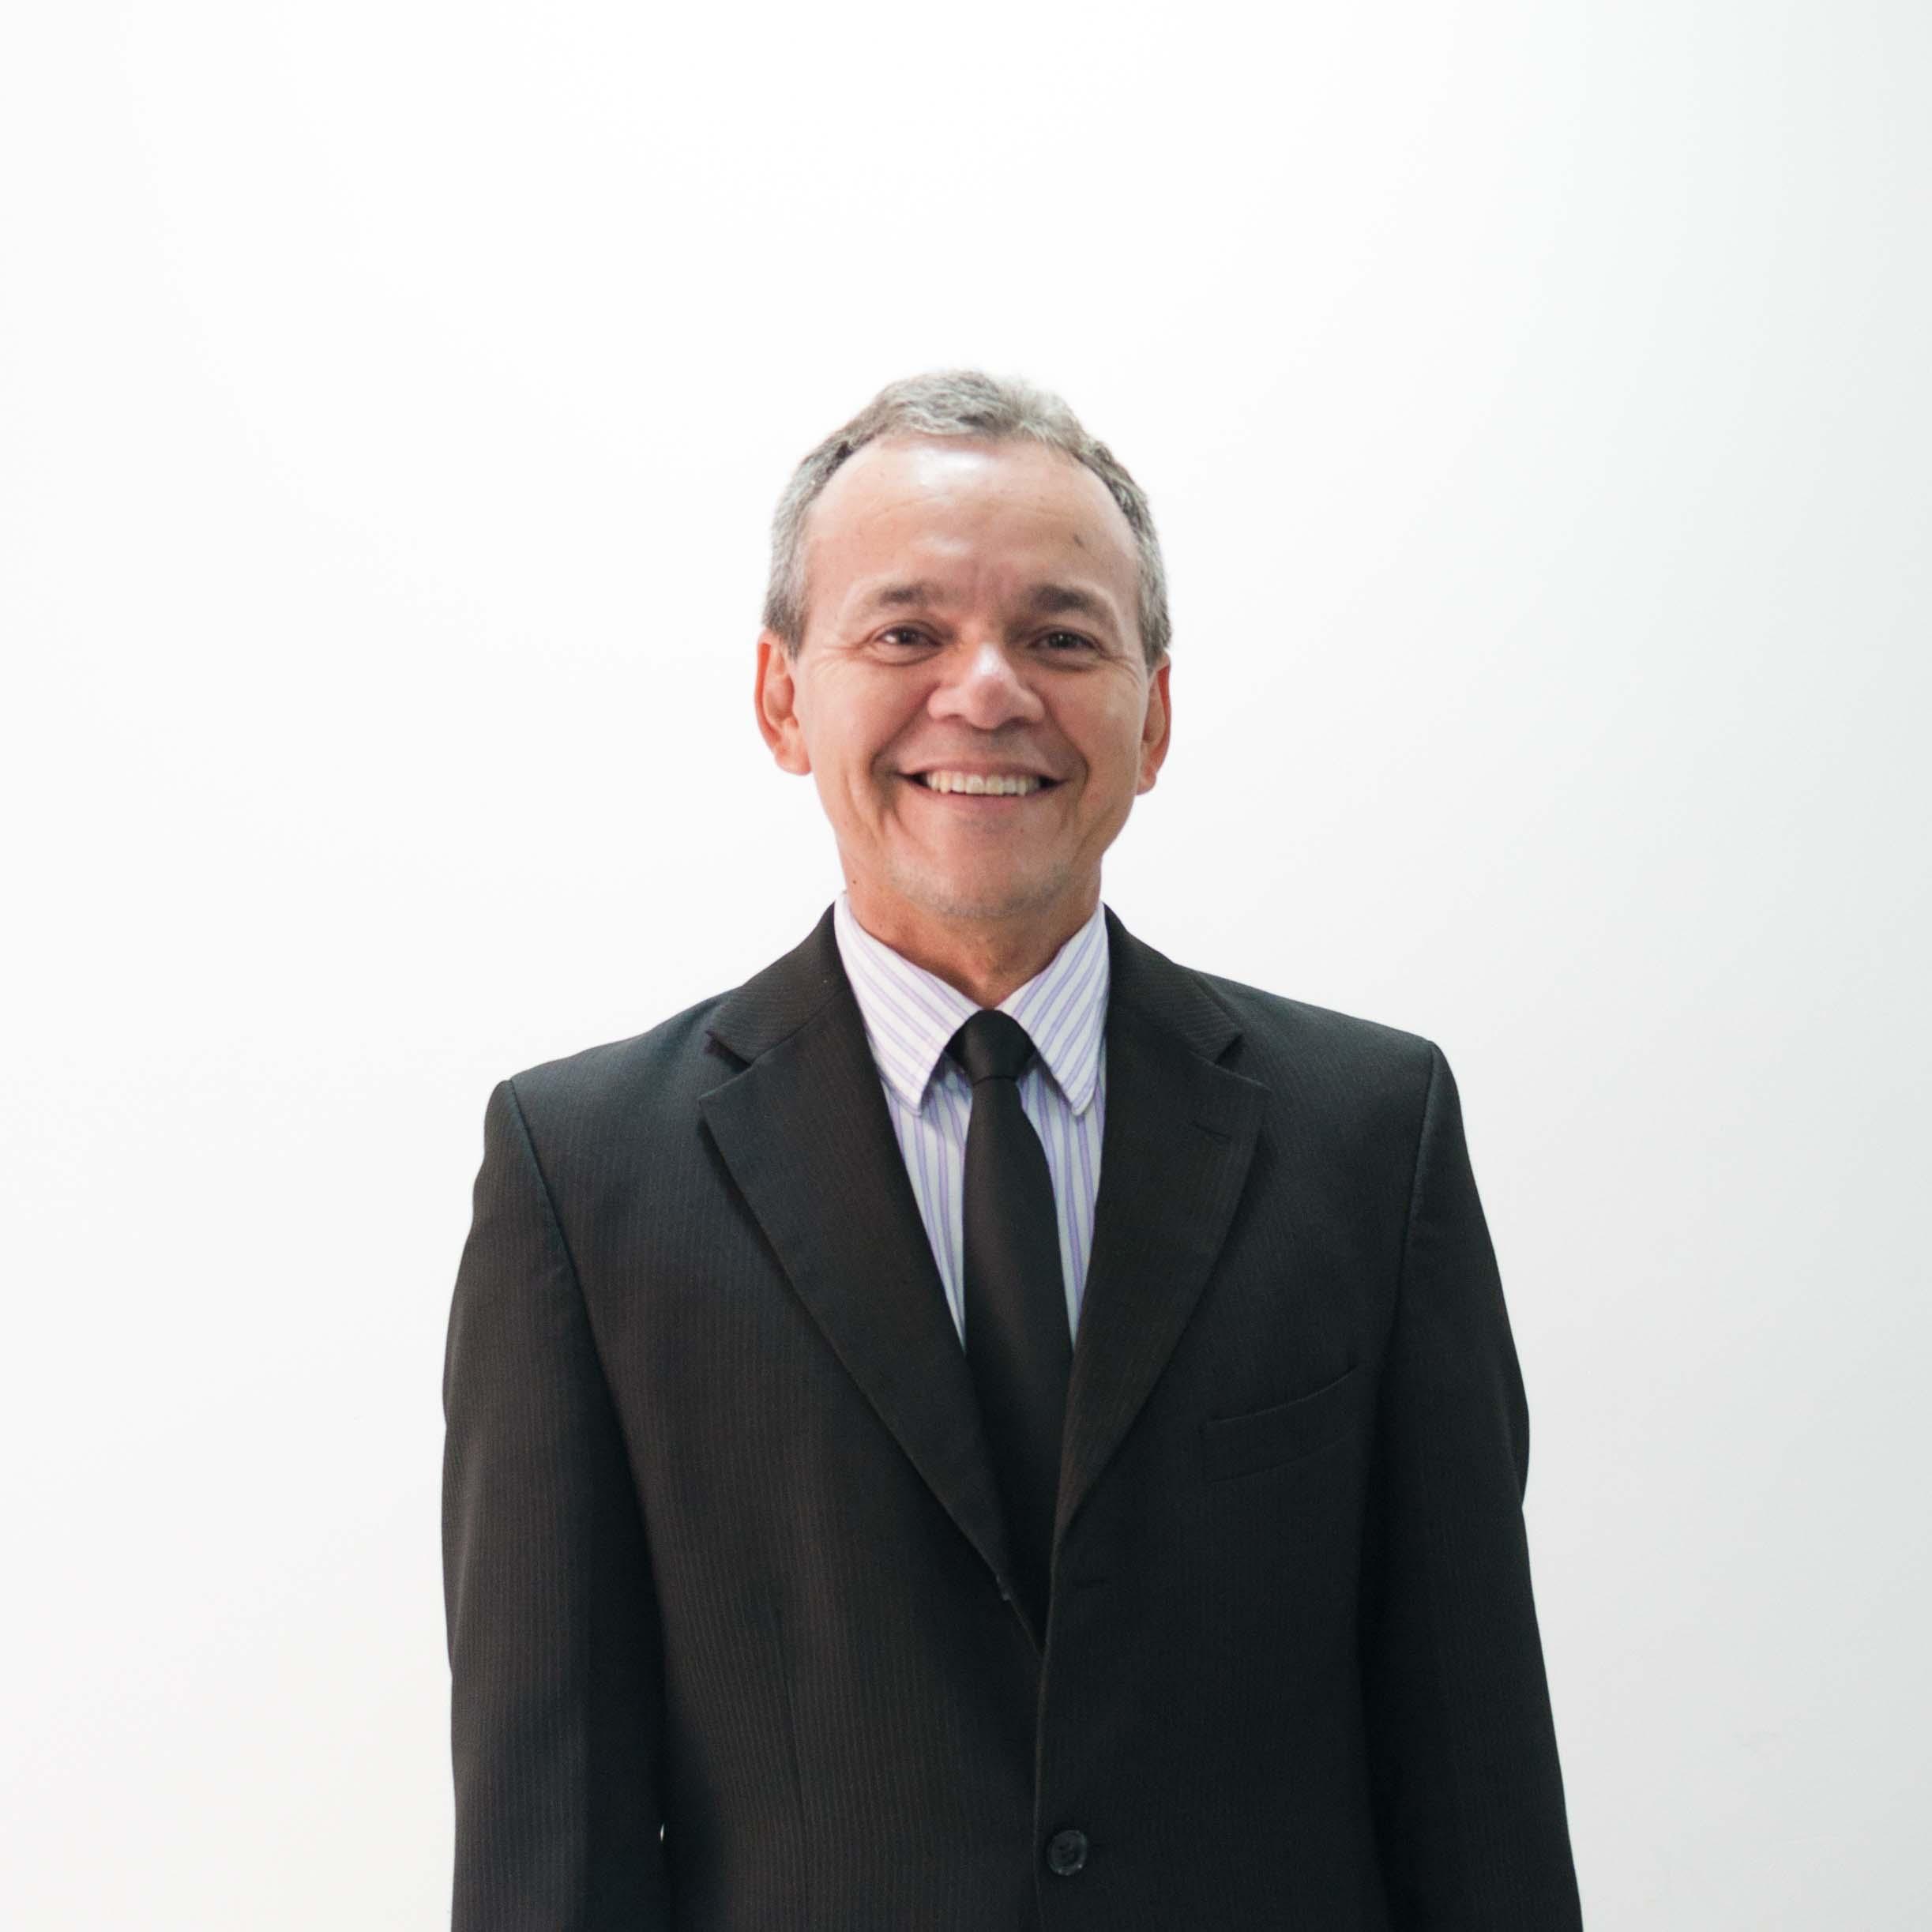 Sostenes Vidal